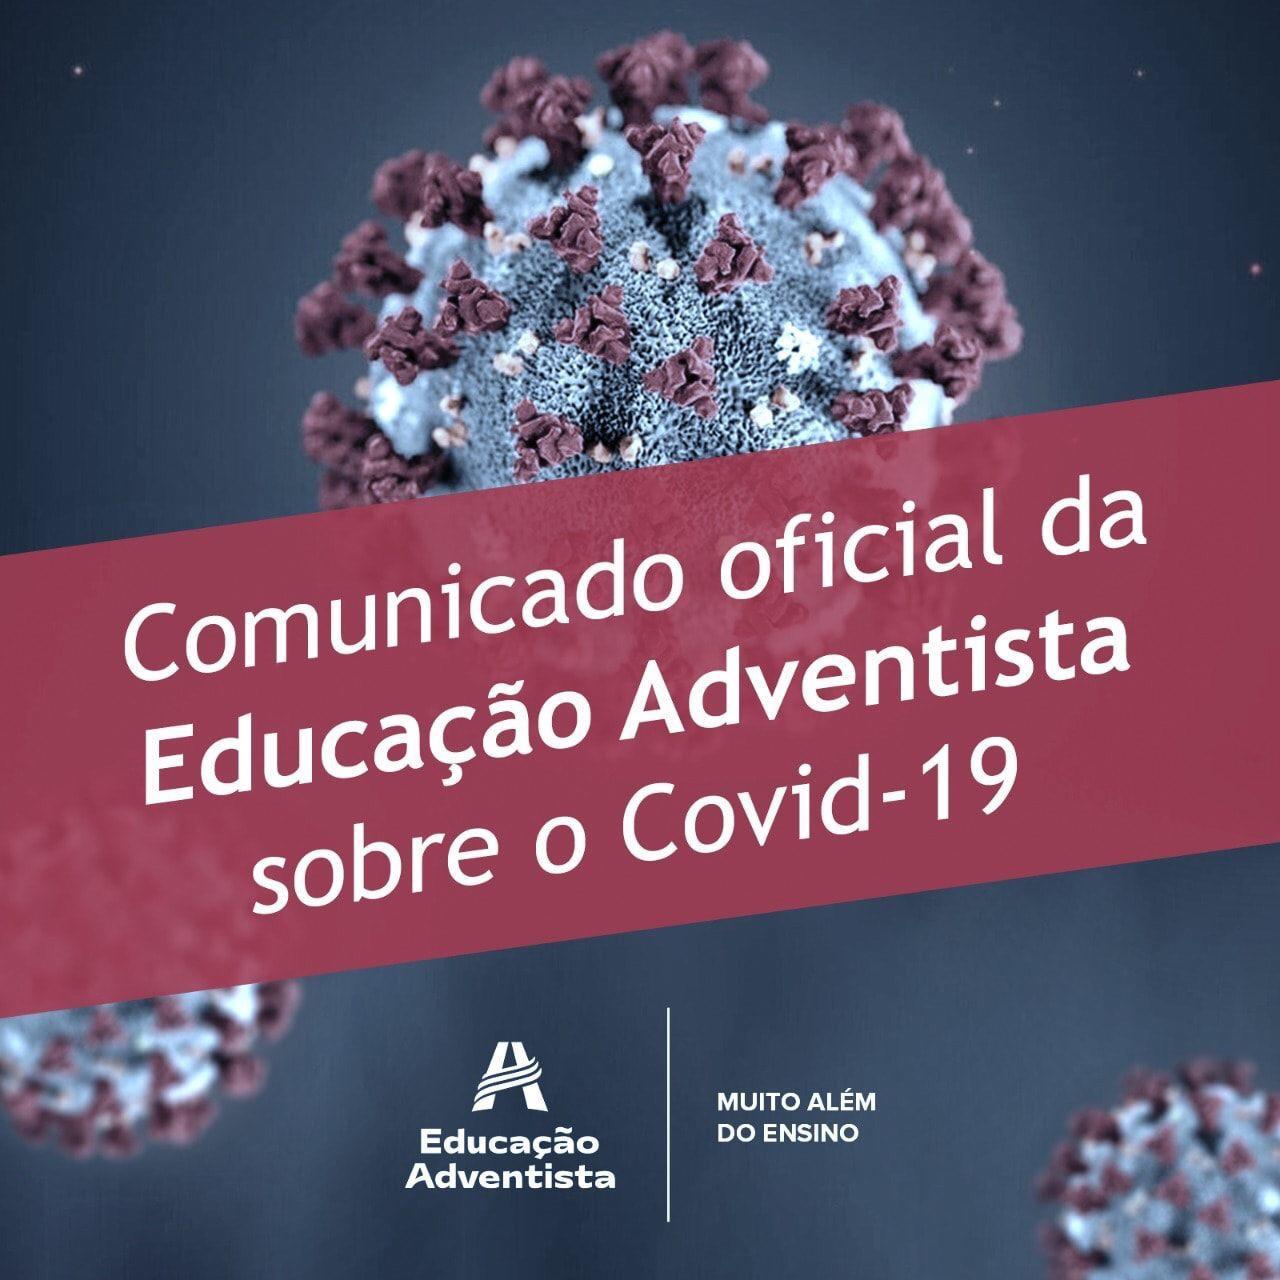 Comunicado oficial da Educação Adventista sobre o Covid-19